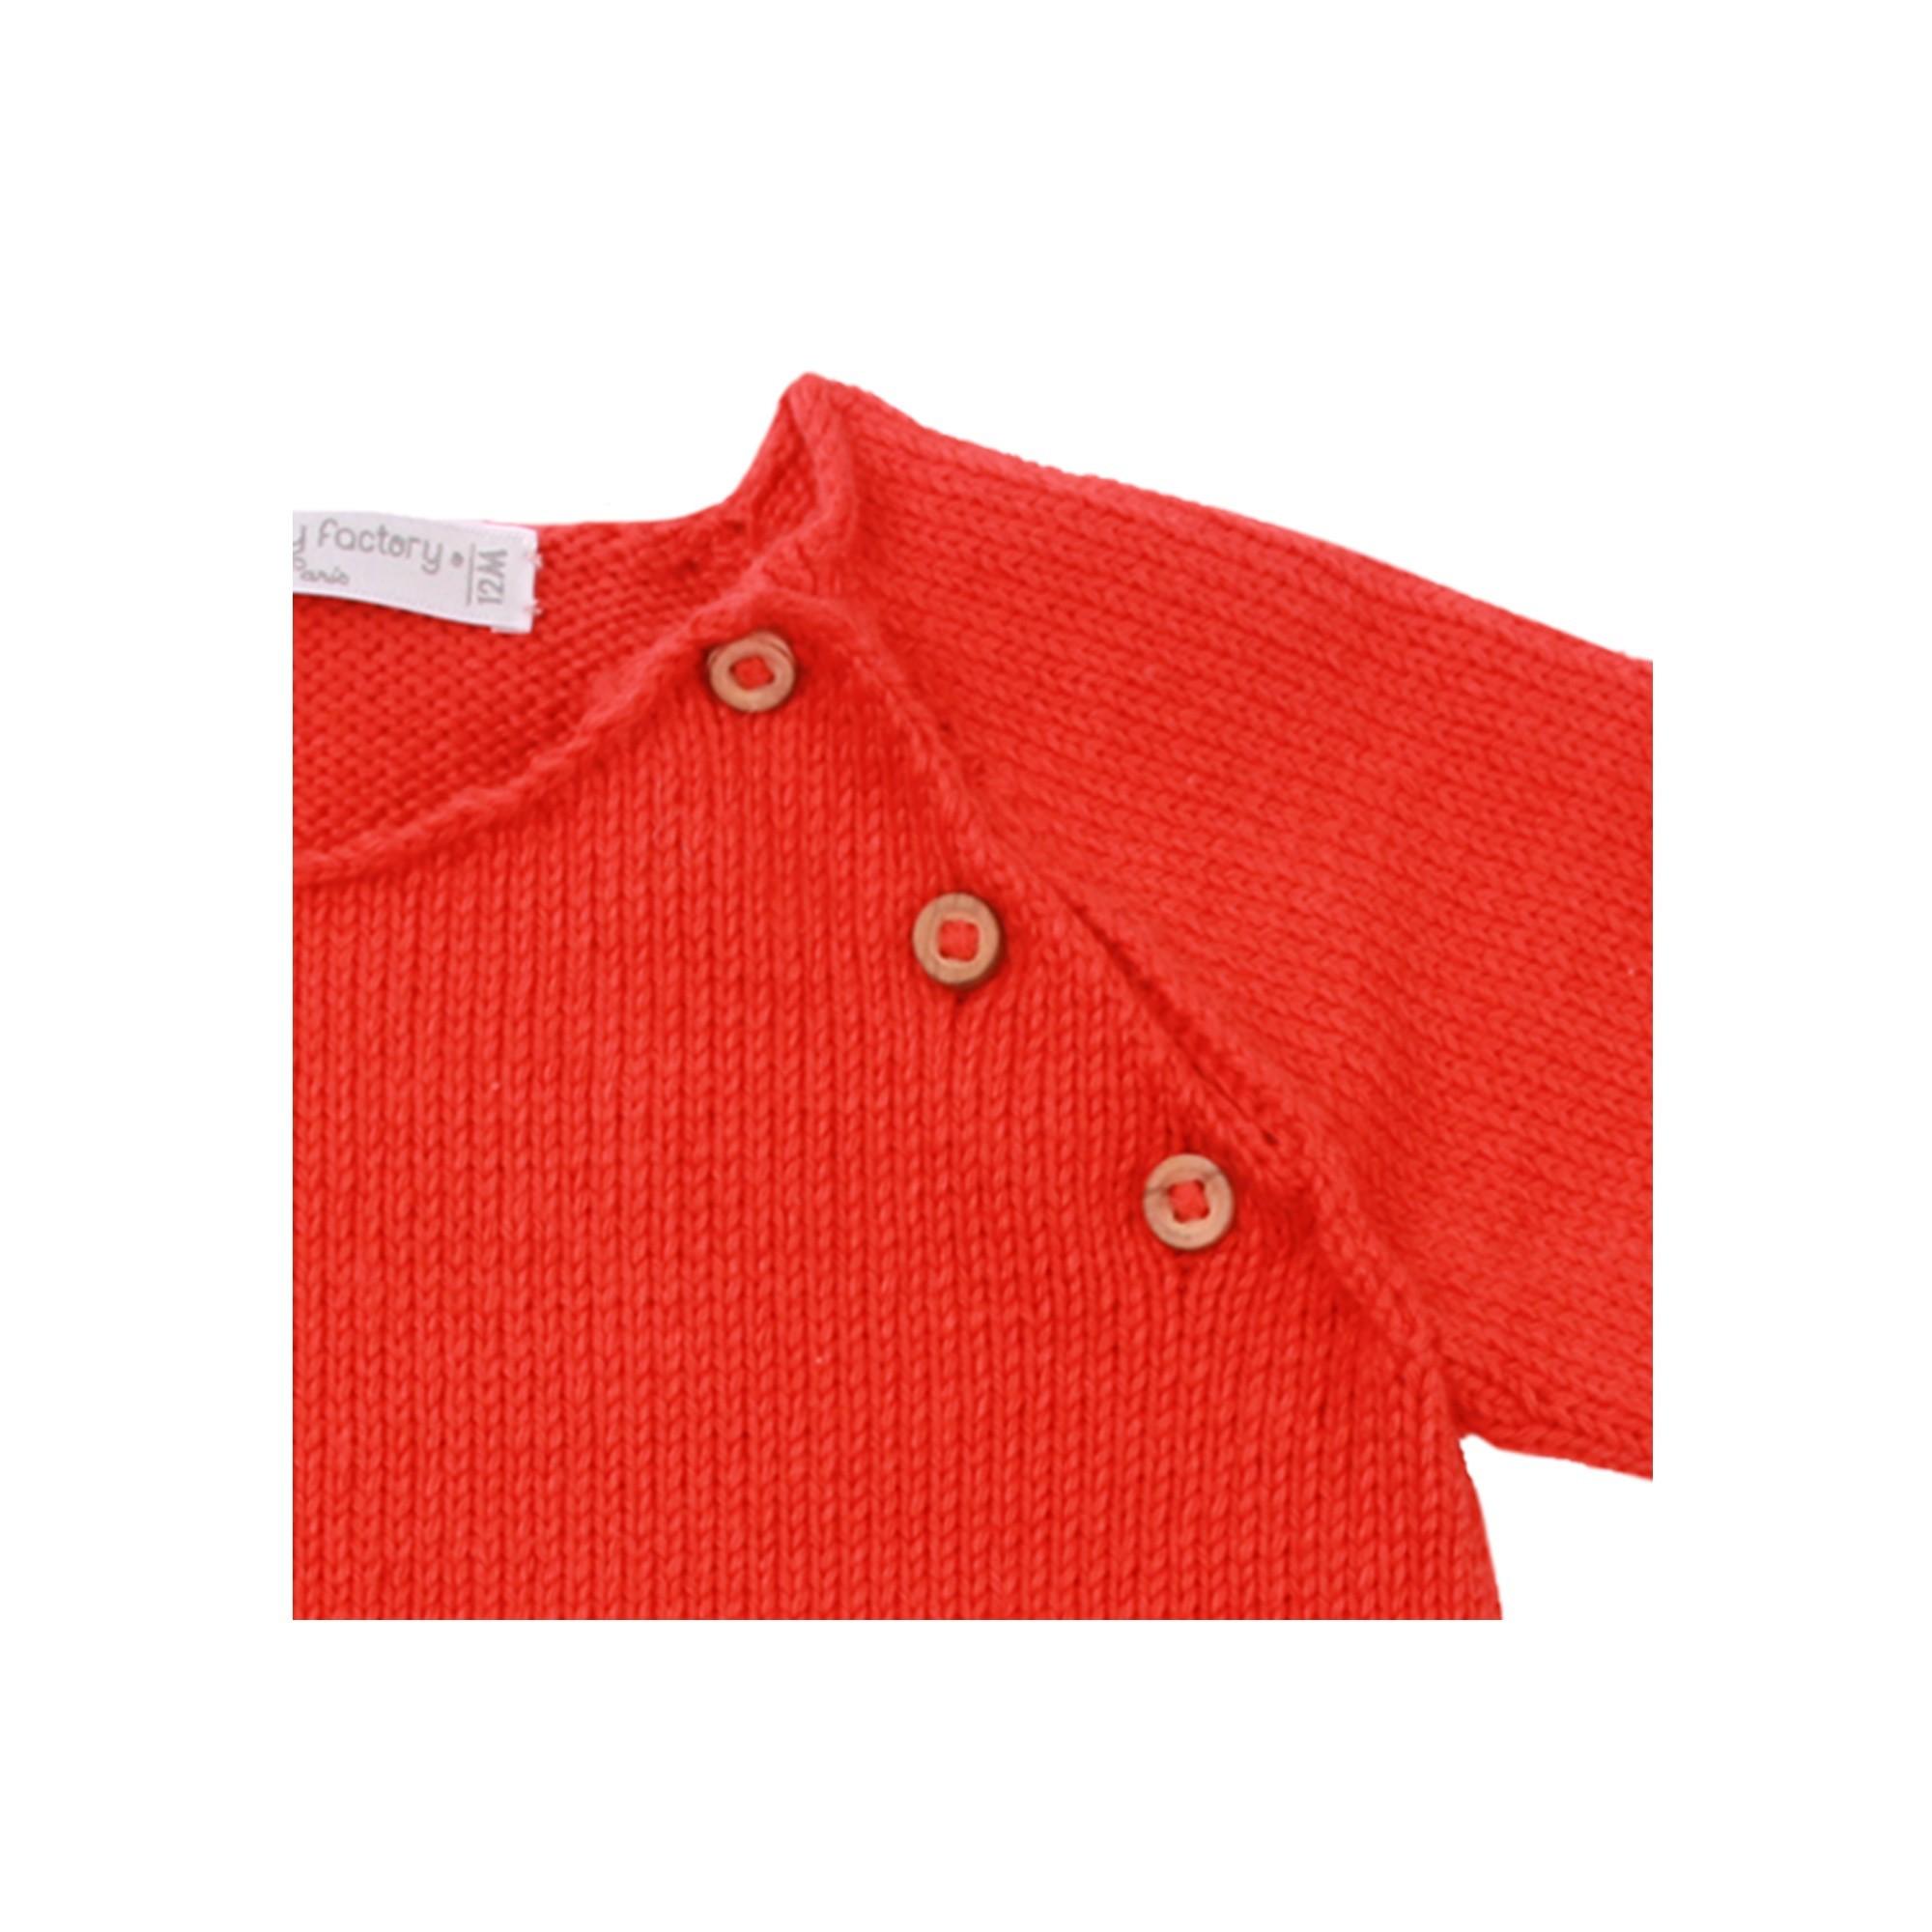 Pull Gaspard pour enfant - coquelicot - détail